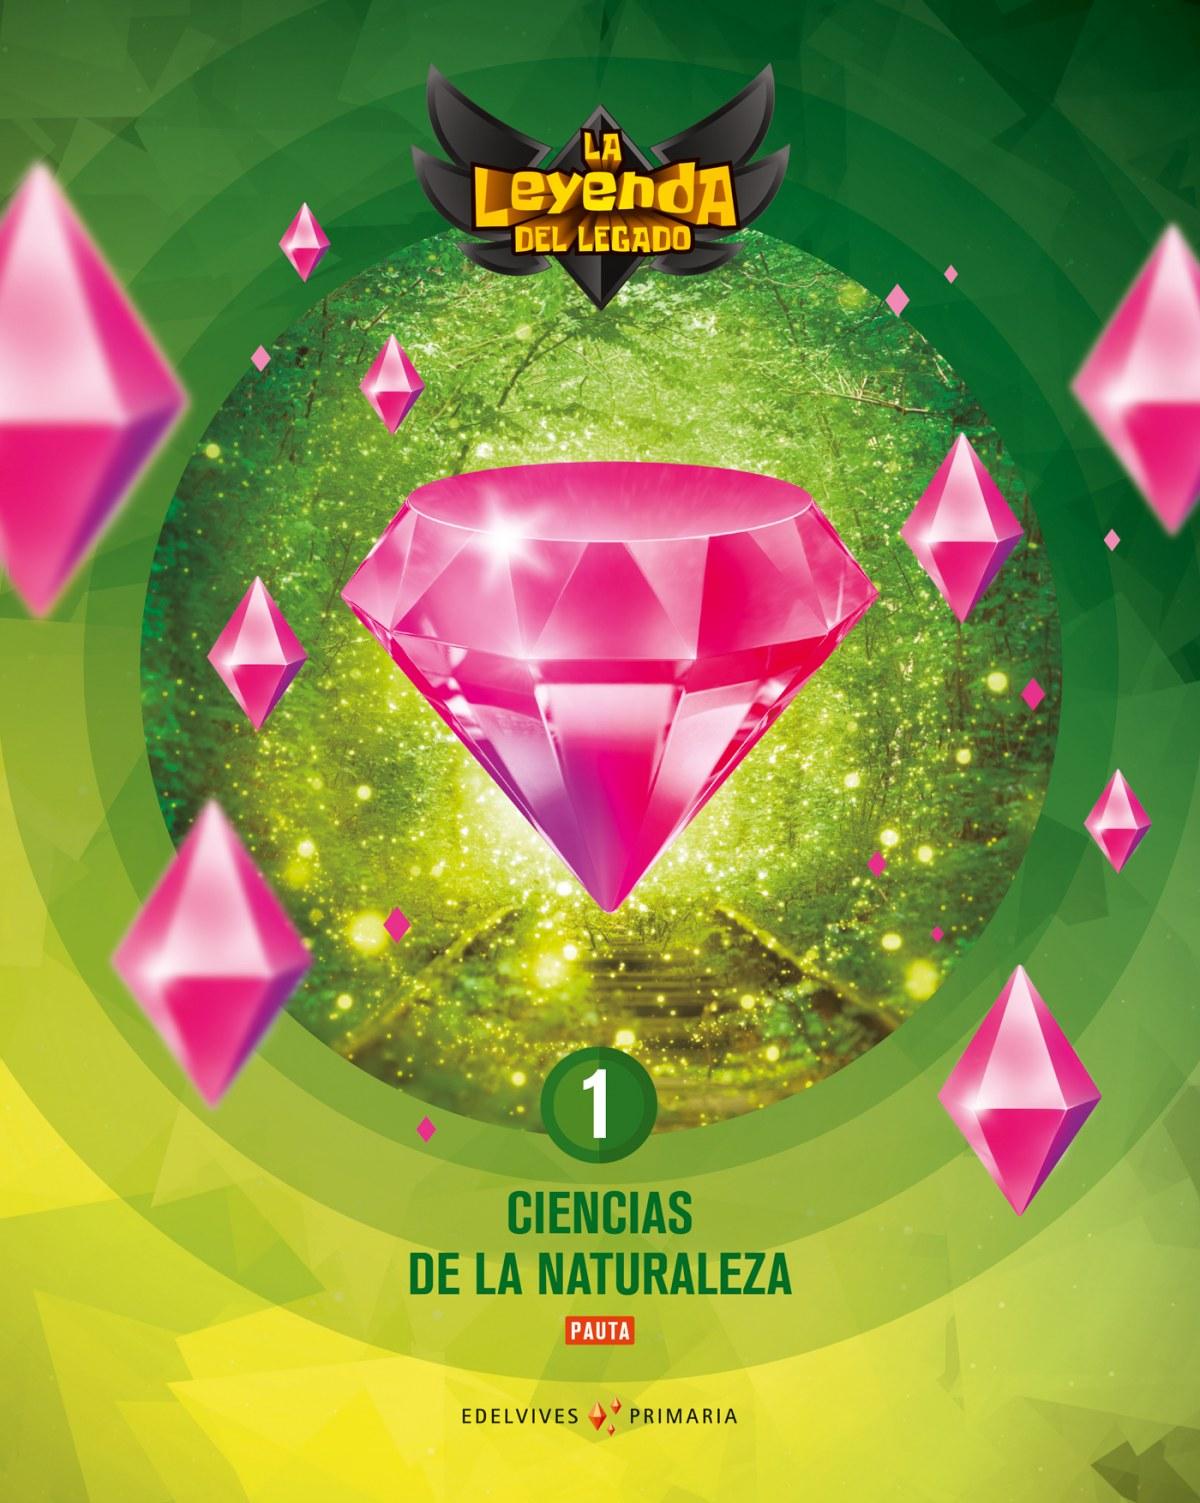 CIENCIAS NATURALES PAUTA 1o.PRIMARIA. LA LEYENDA DEL LEGADO 2018 9788414013380